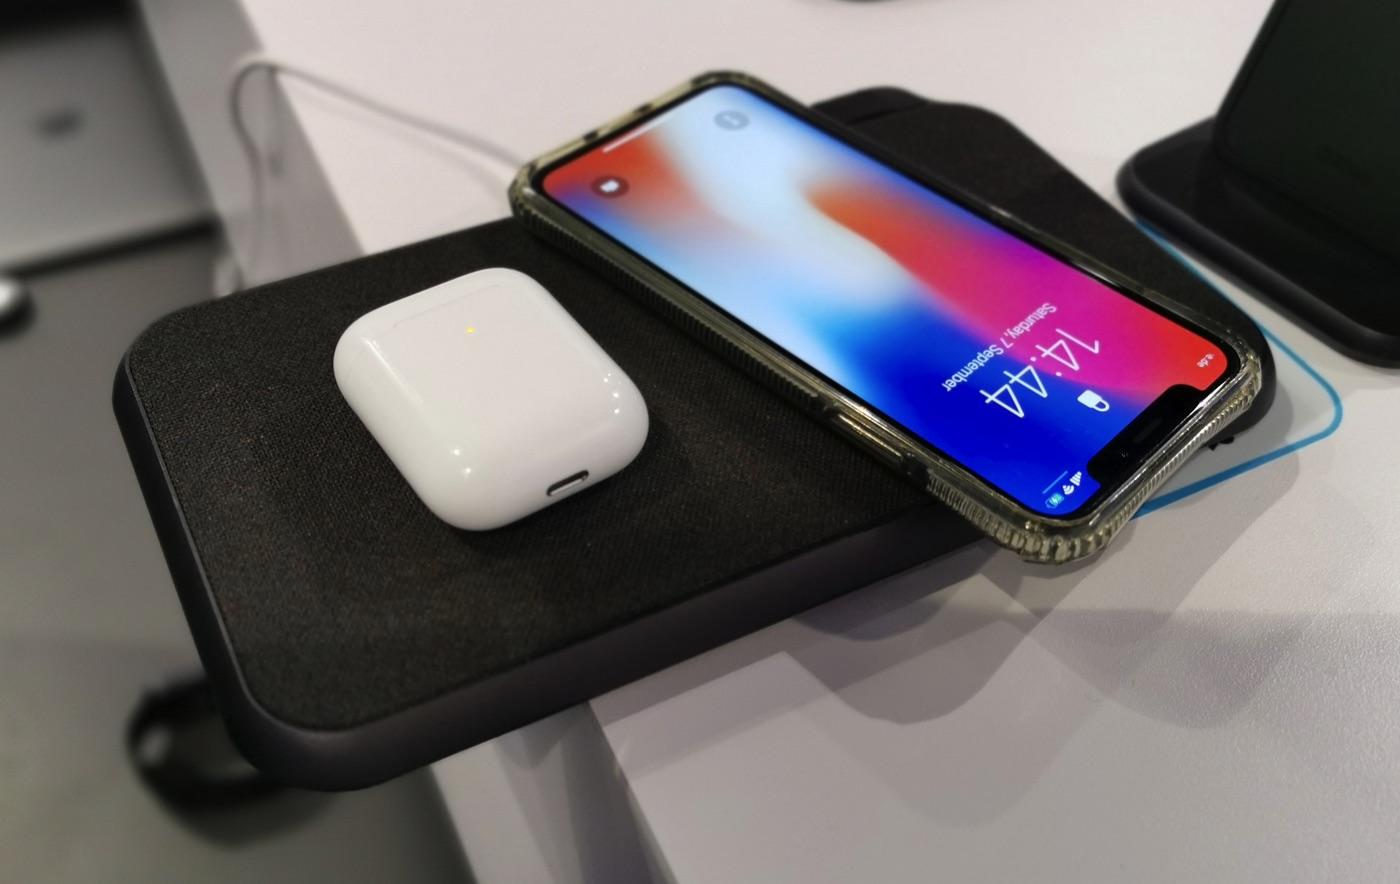 Caricatori wireless Zens per iPhone, Airpods, Apple Watch a 16 bobine o con Lightning a IFA 2019